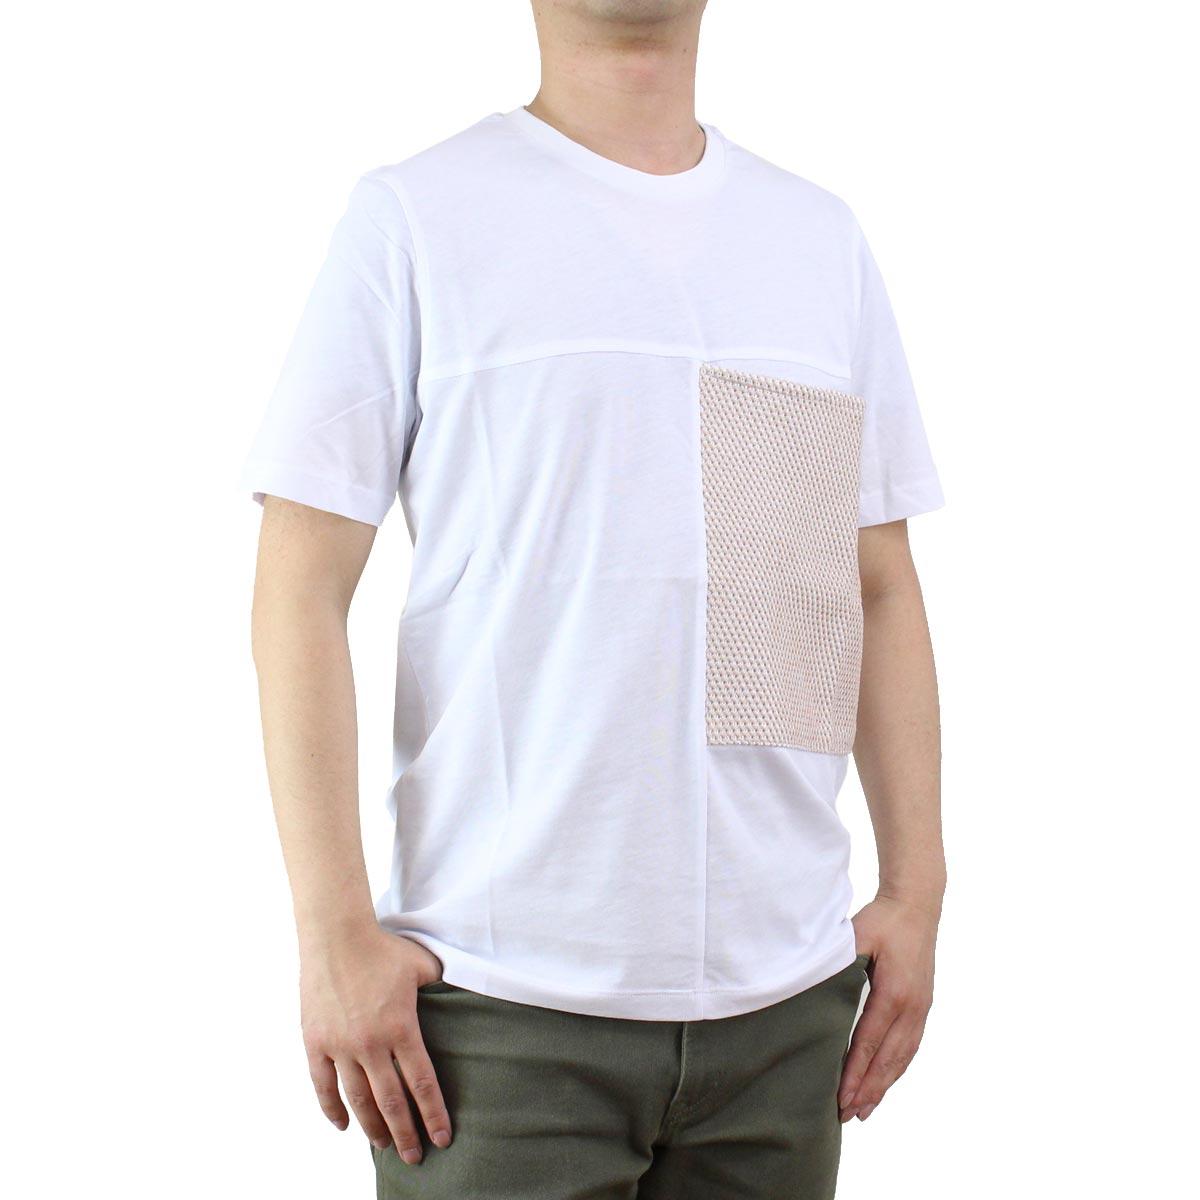 バーク Bark  メンズ クルーネック 半袖 Tシャツ 71B8706 276 SAND ホワイト系/ベージュ系  メンズ ティーシャツ ティーシャツ T shirt OLS-4  ts-01